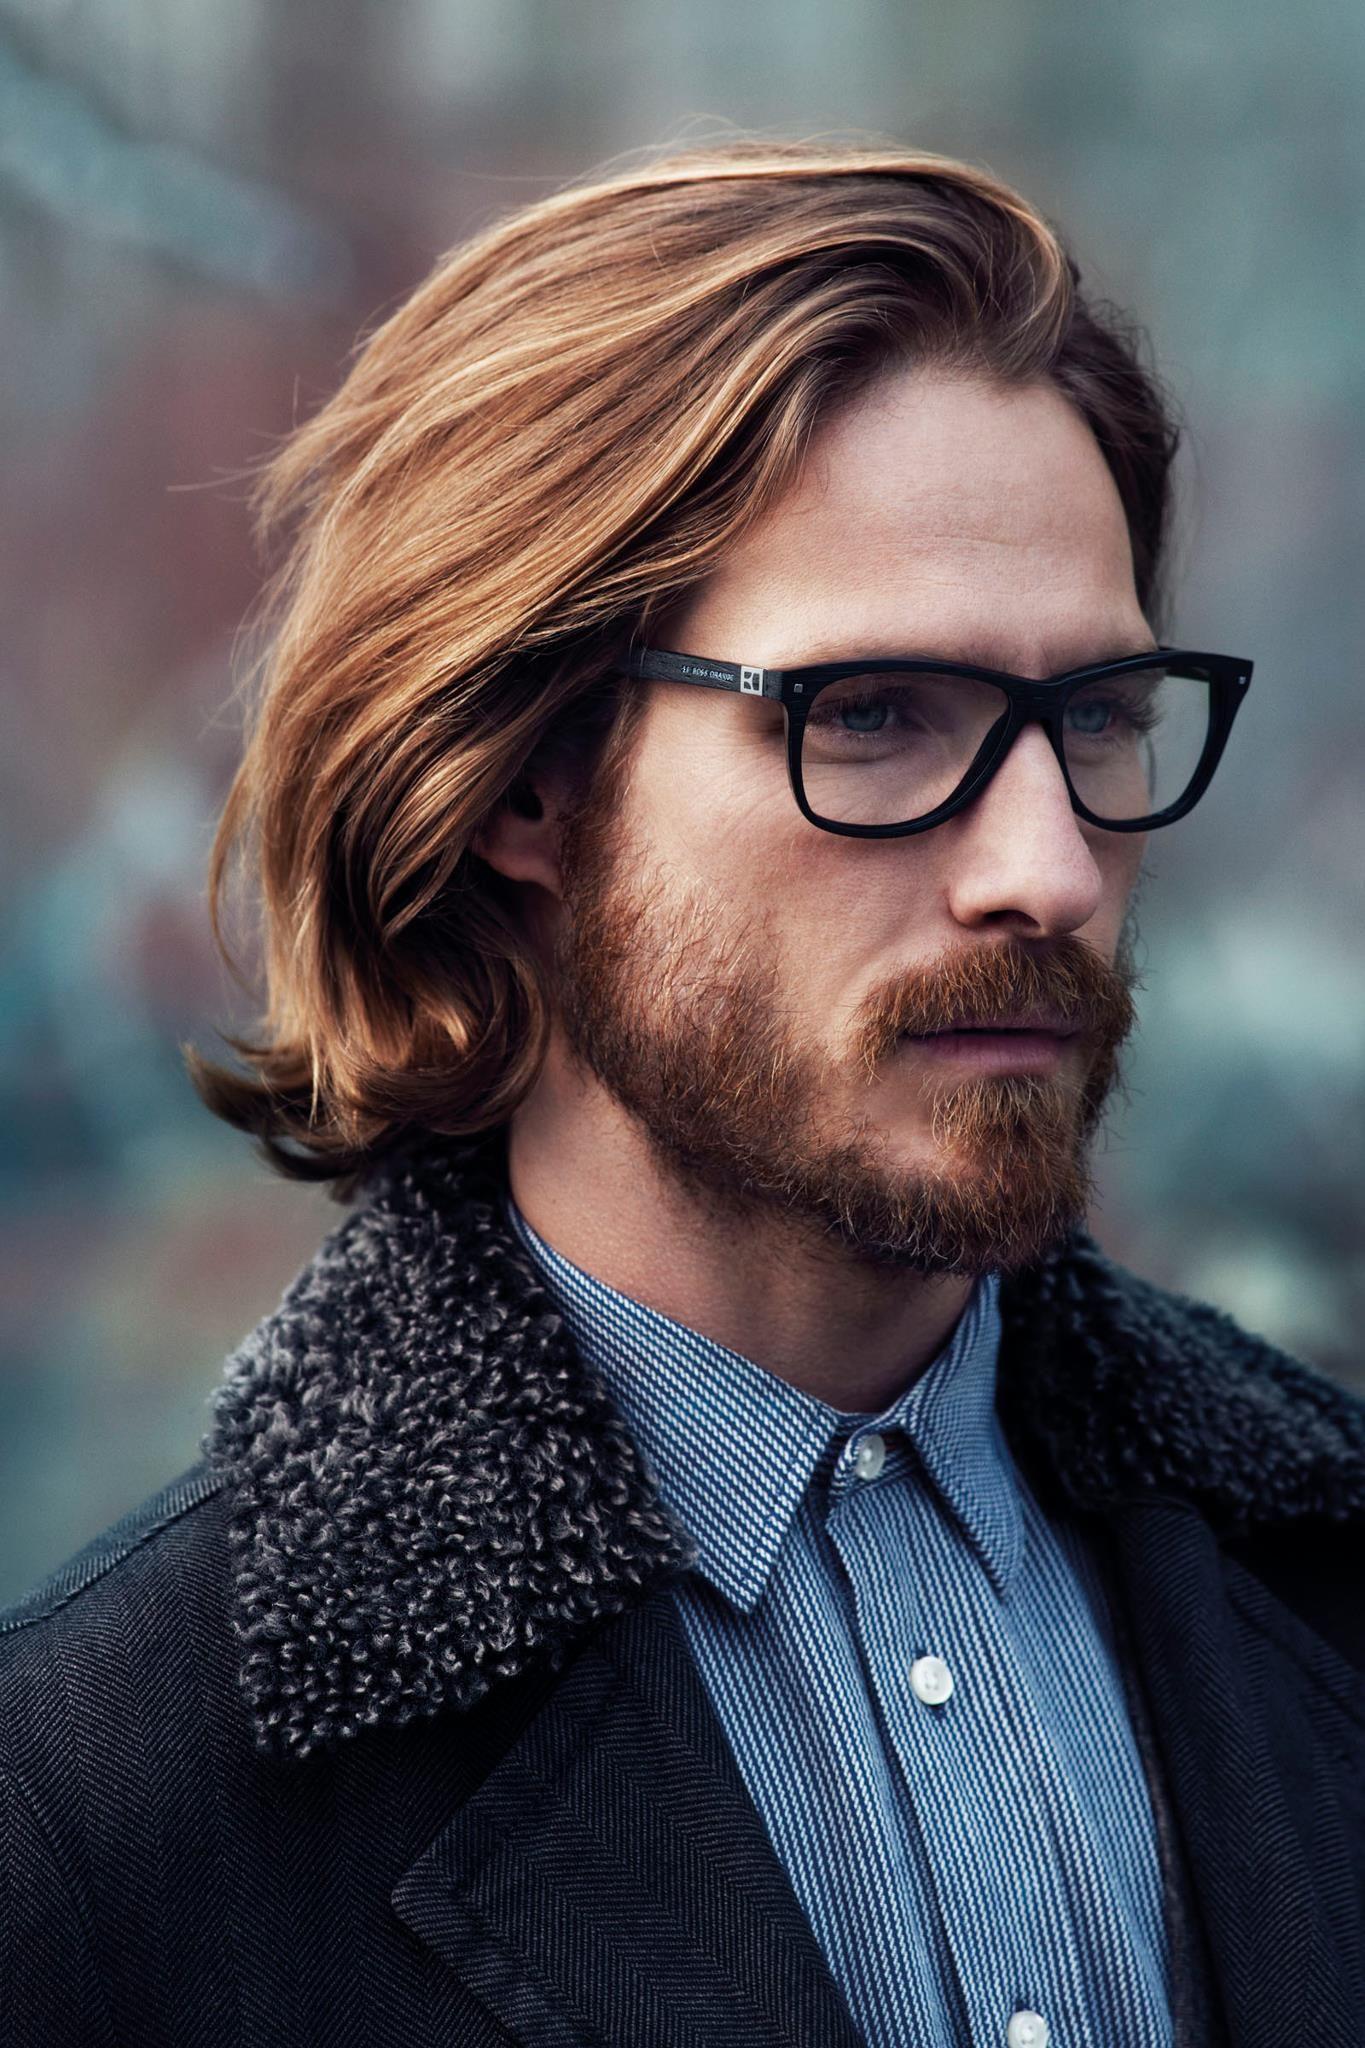 Schöne Frisuren Für Männer Mit Langen Haaren Neue Haare Frisuren